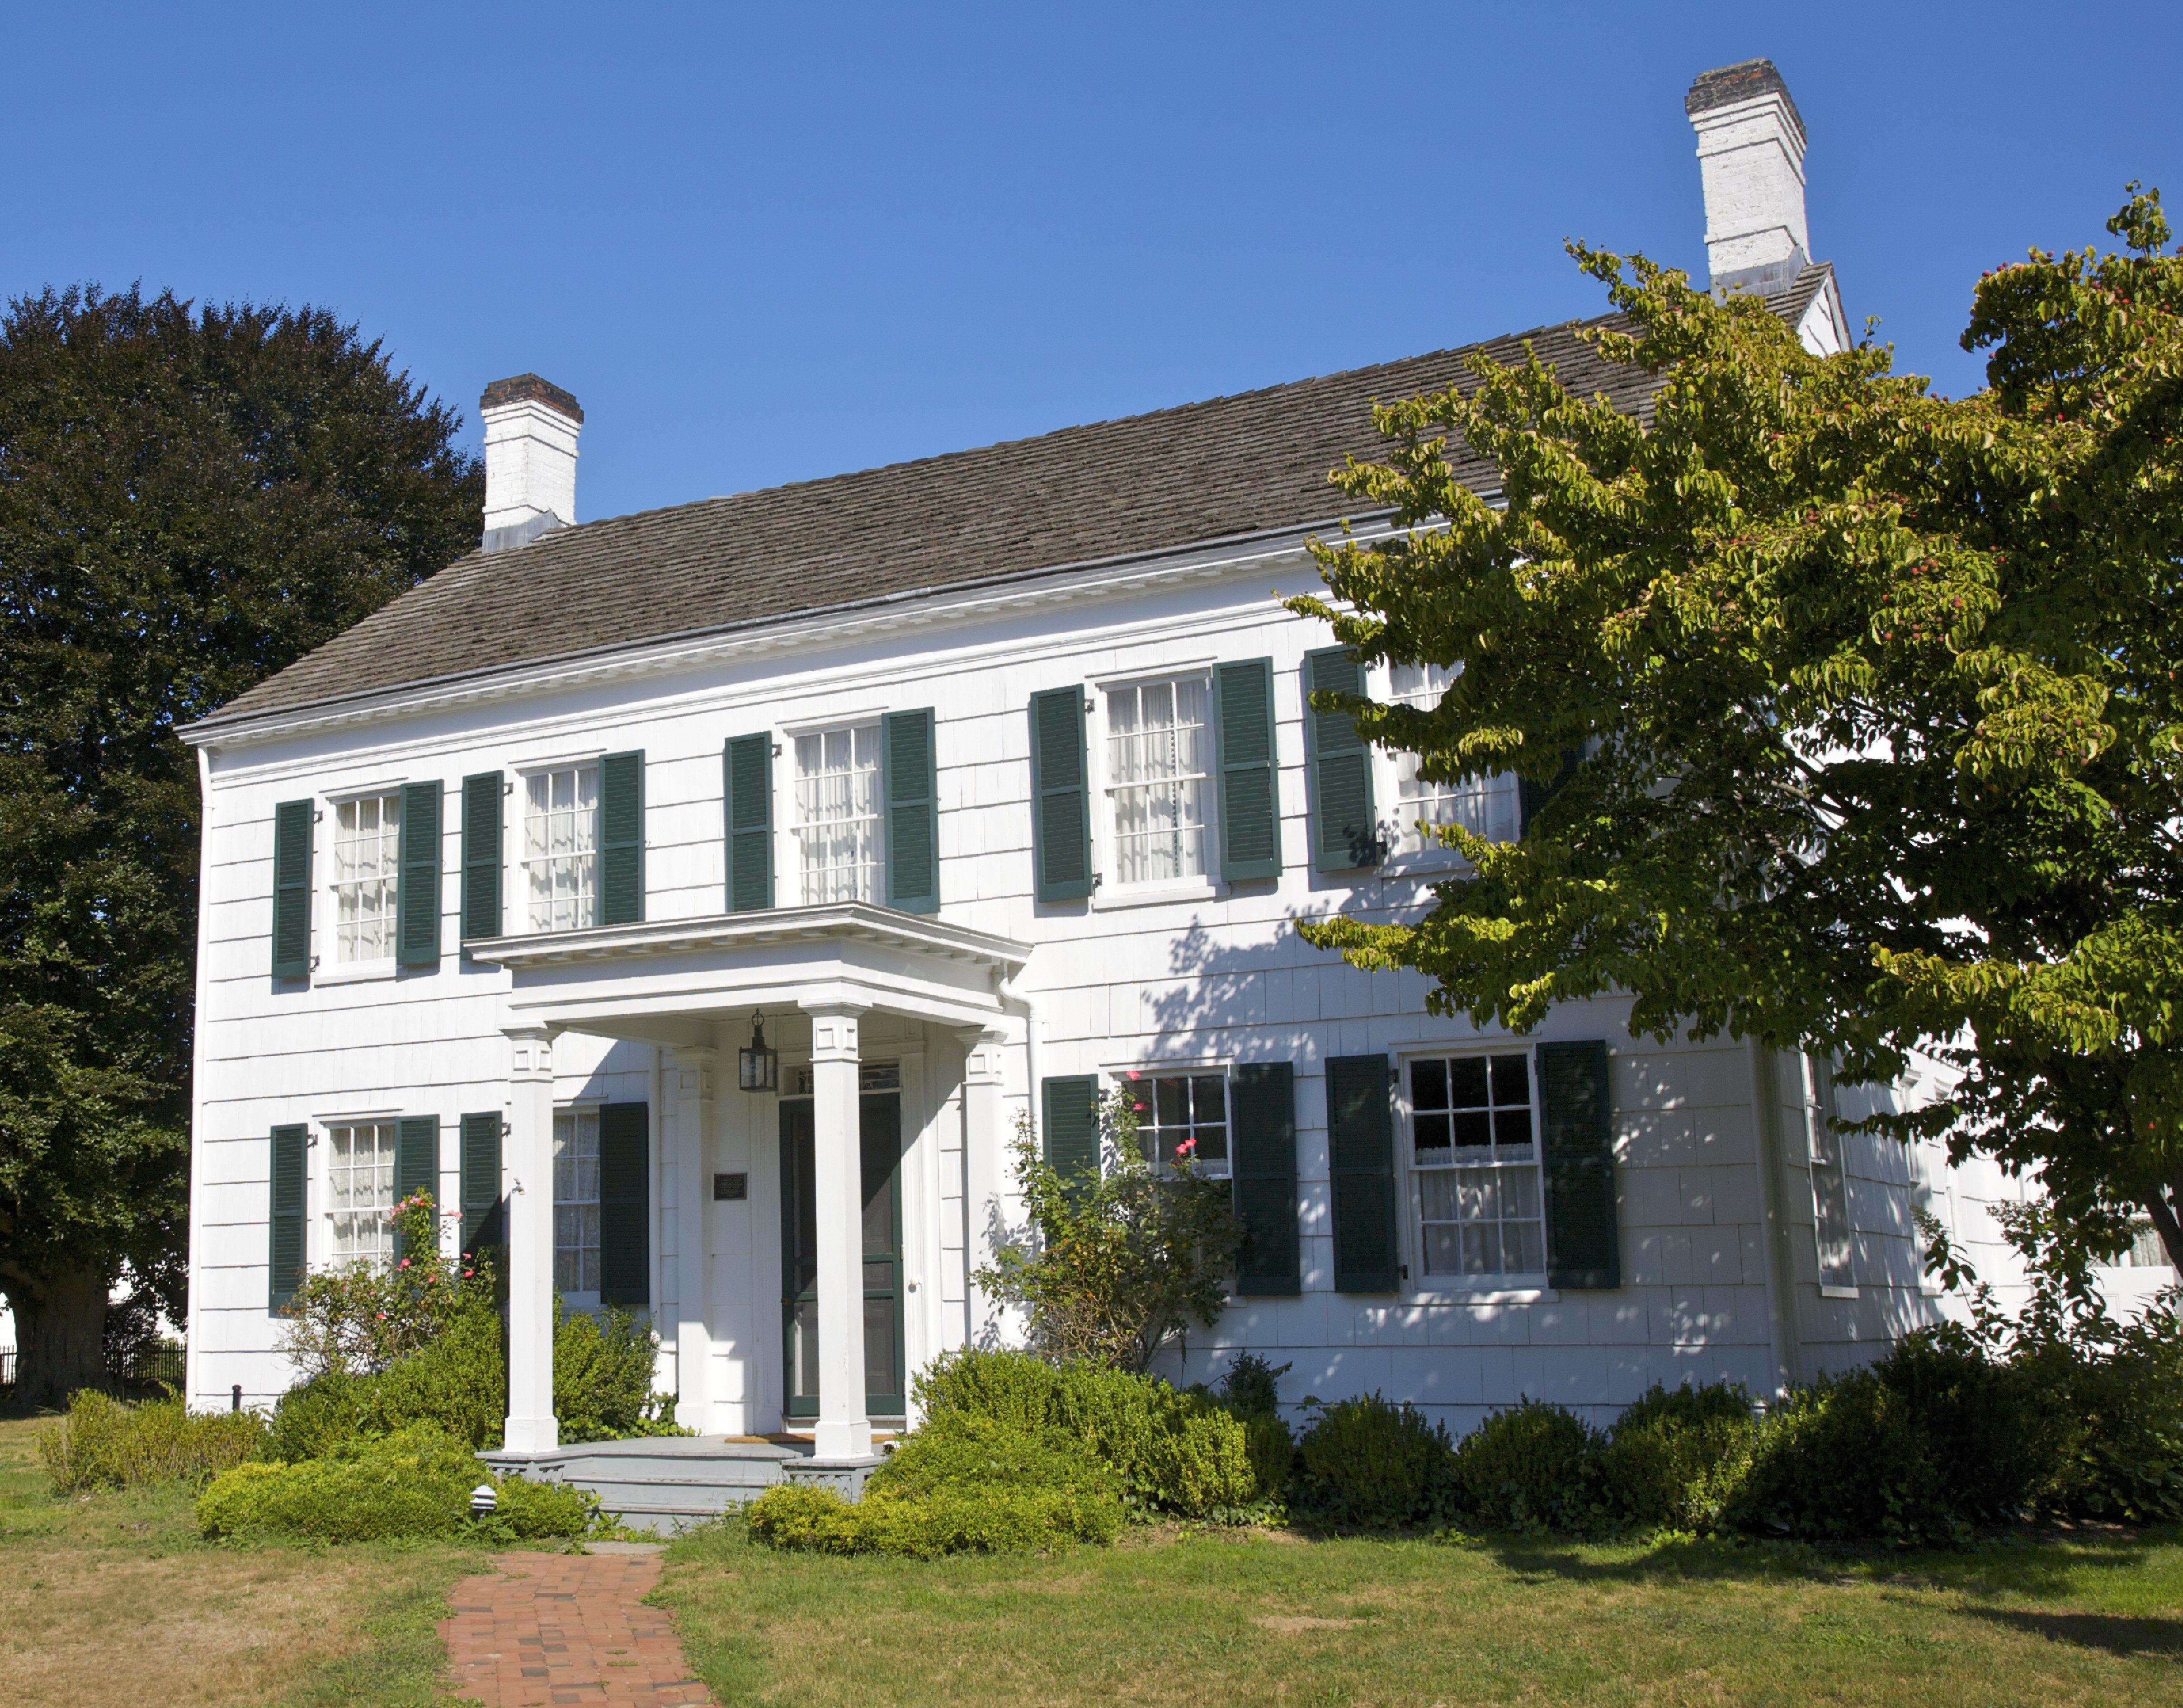 Casa de campo colonial blanca con contraventanas verdes, Corwith House, c.  1850, Long Island